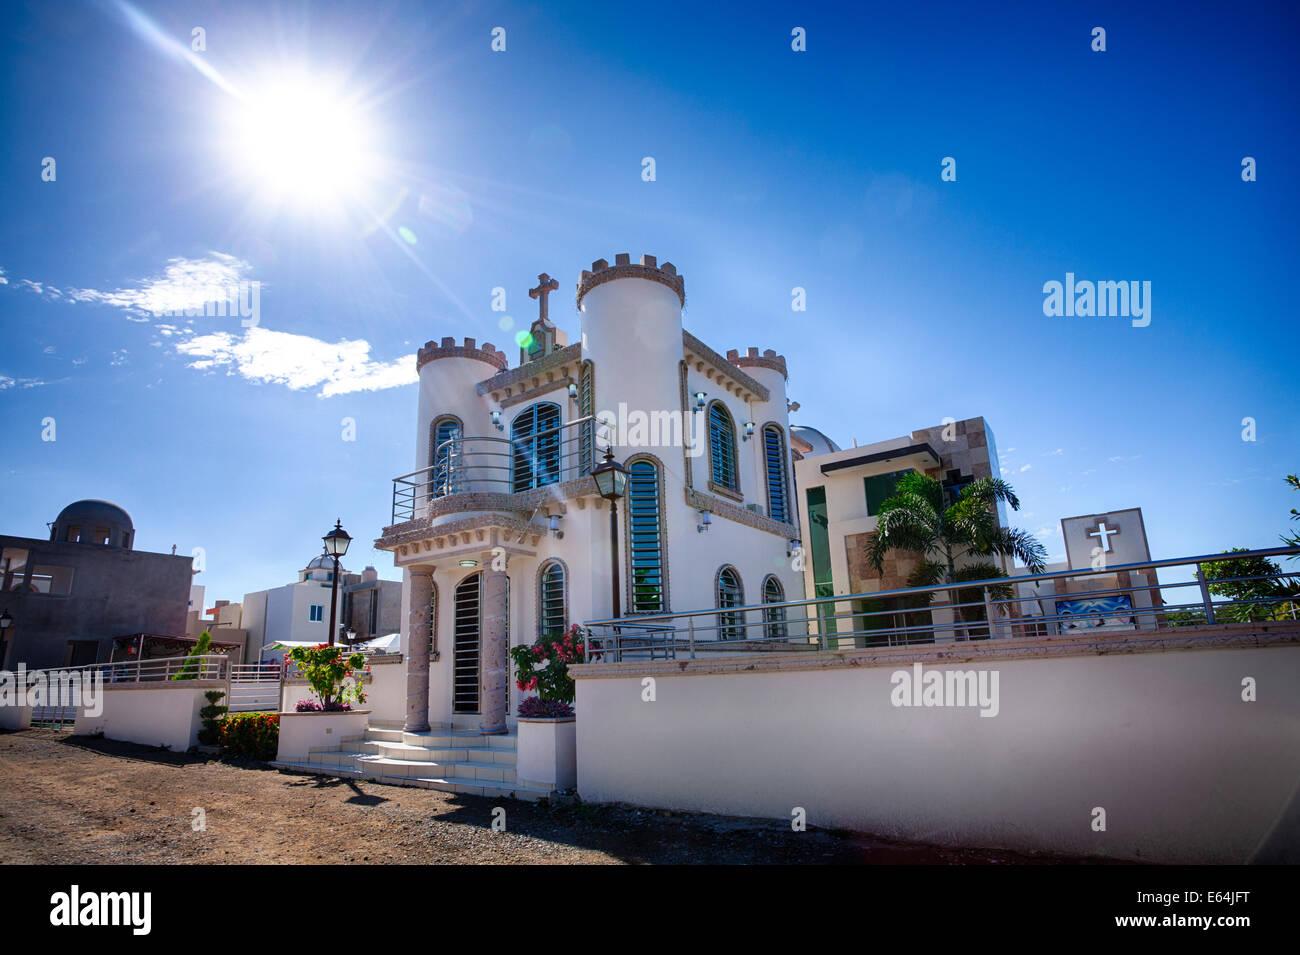 Le mausolée luxueux jardines de humaya, dernière demeure de narco les barons de la drogue, ressemble plus Photo Stock